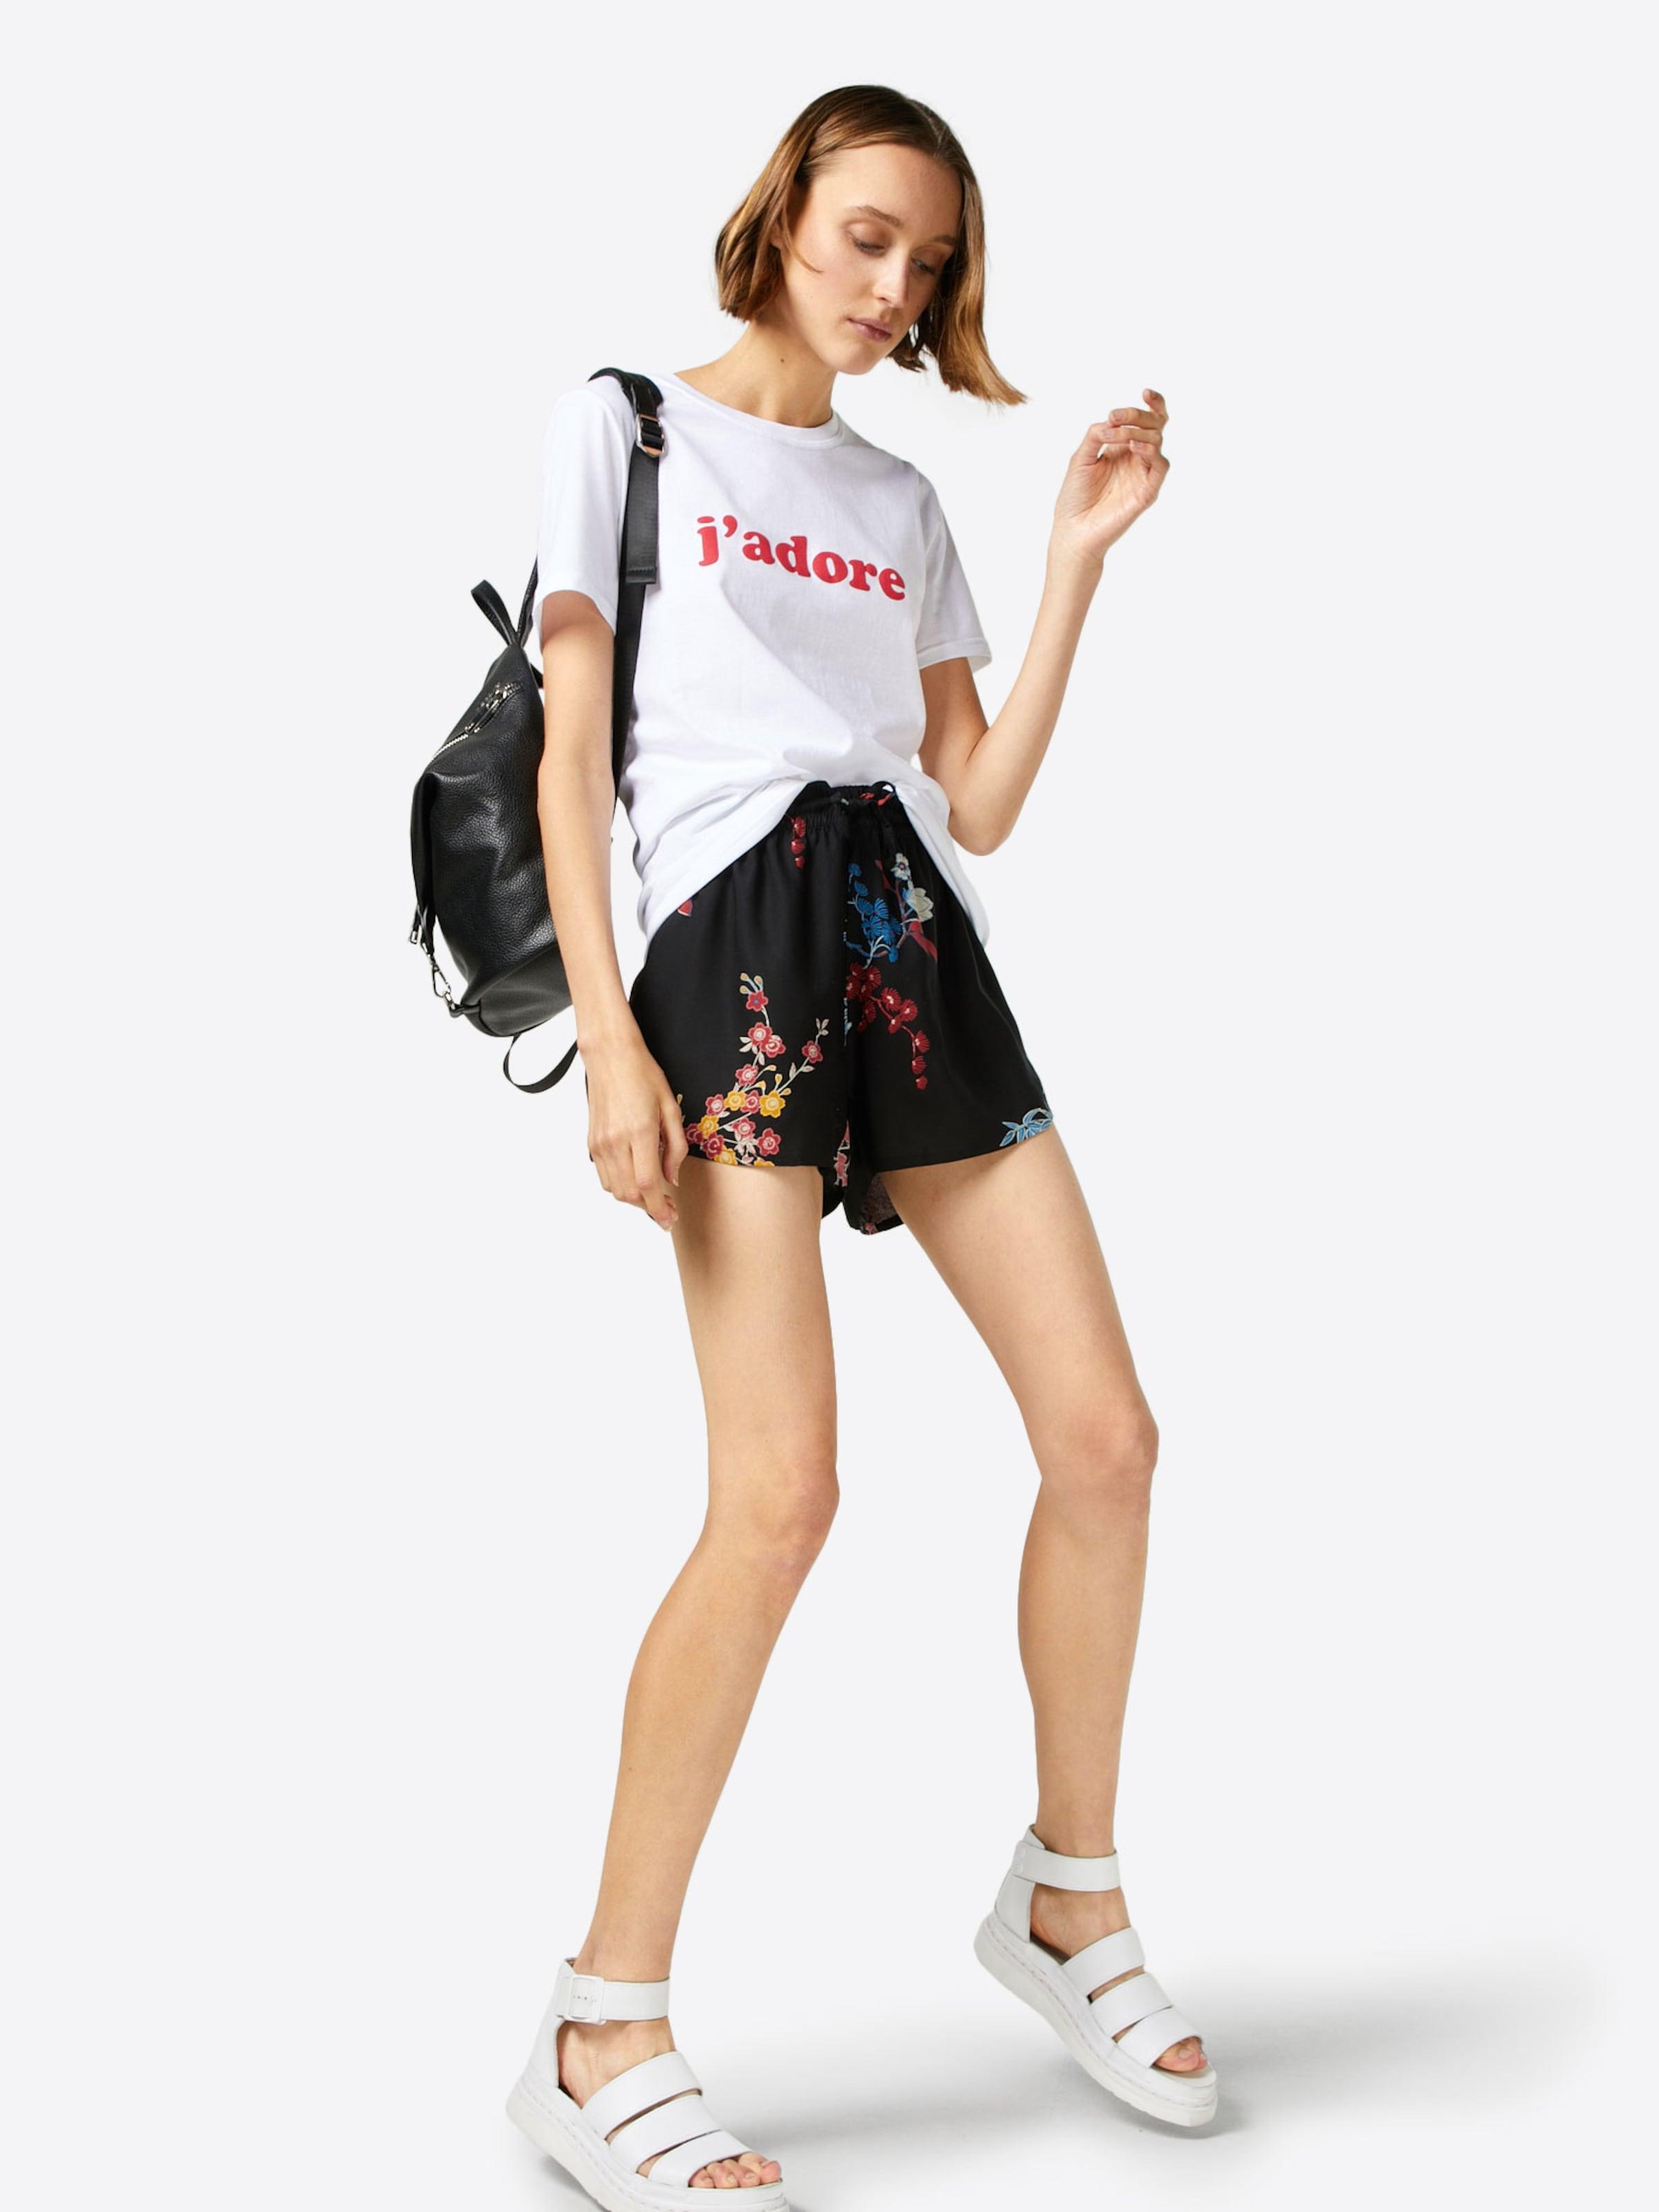 Erstaunlicher Preis Boohoo T-Shirt Bester Lieferant Auslass Veröffentlichungstermine Genießen Sie Online S4AKA